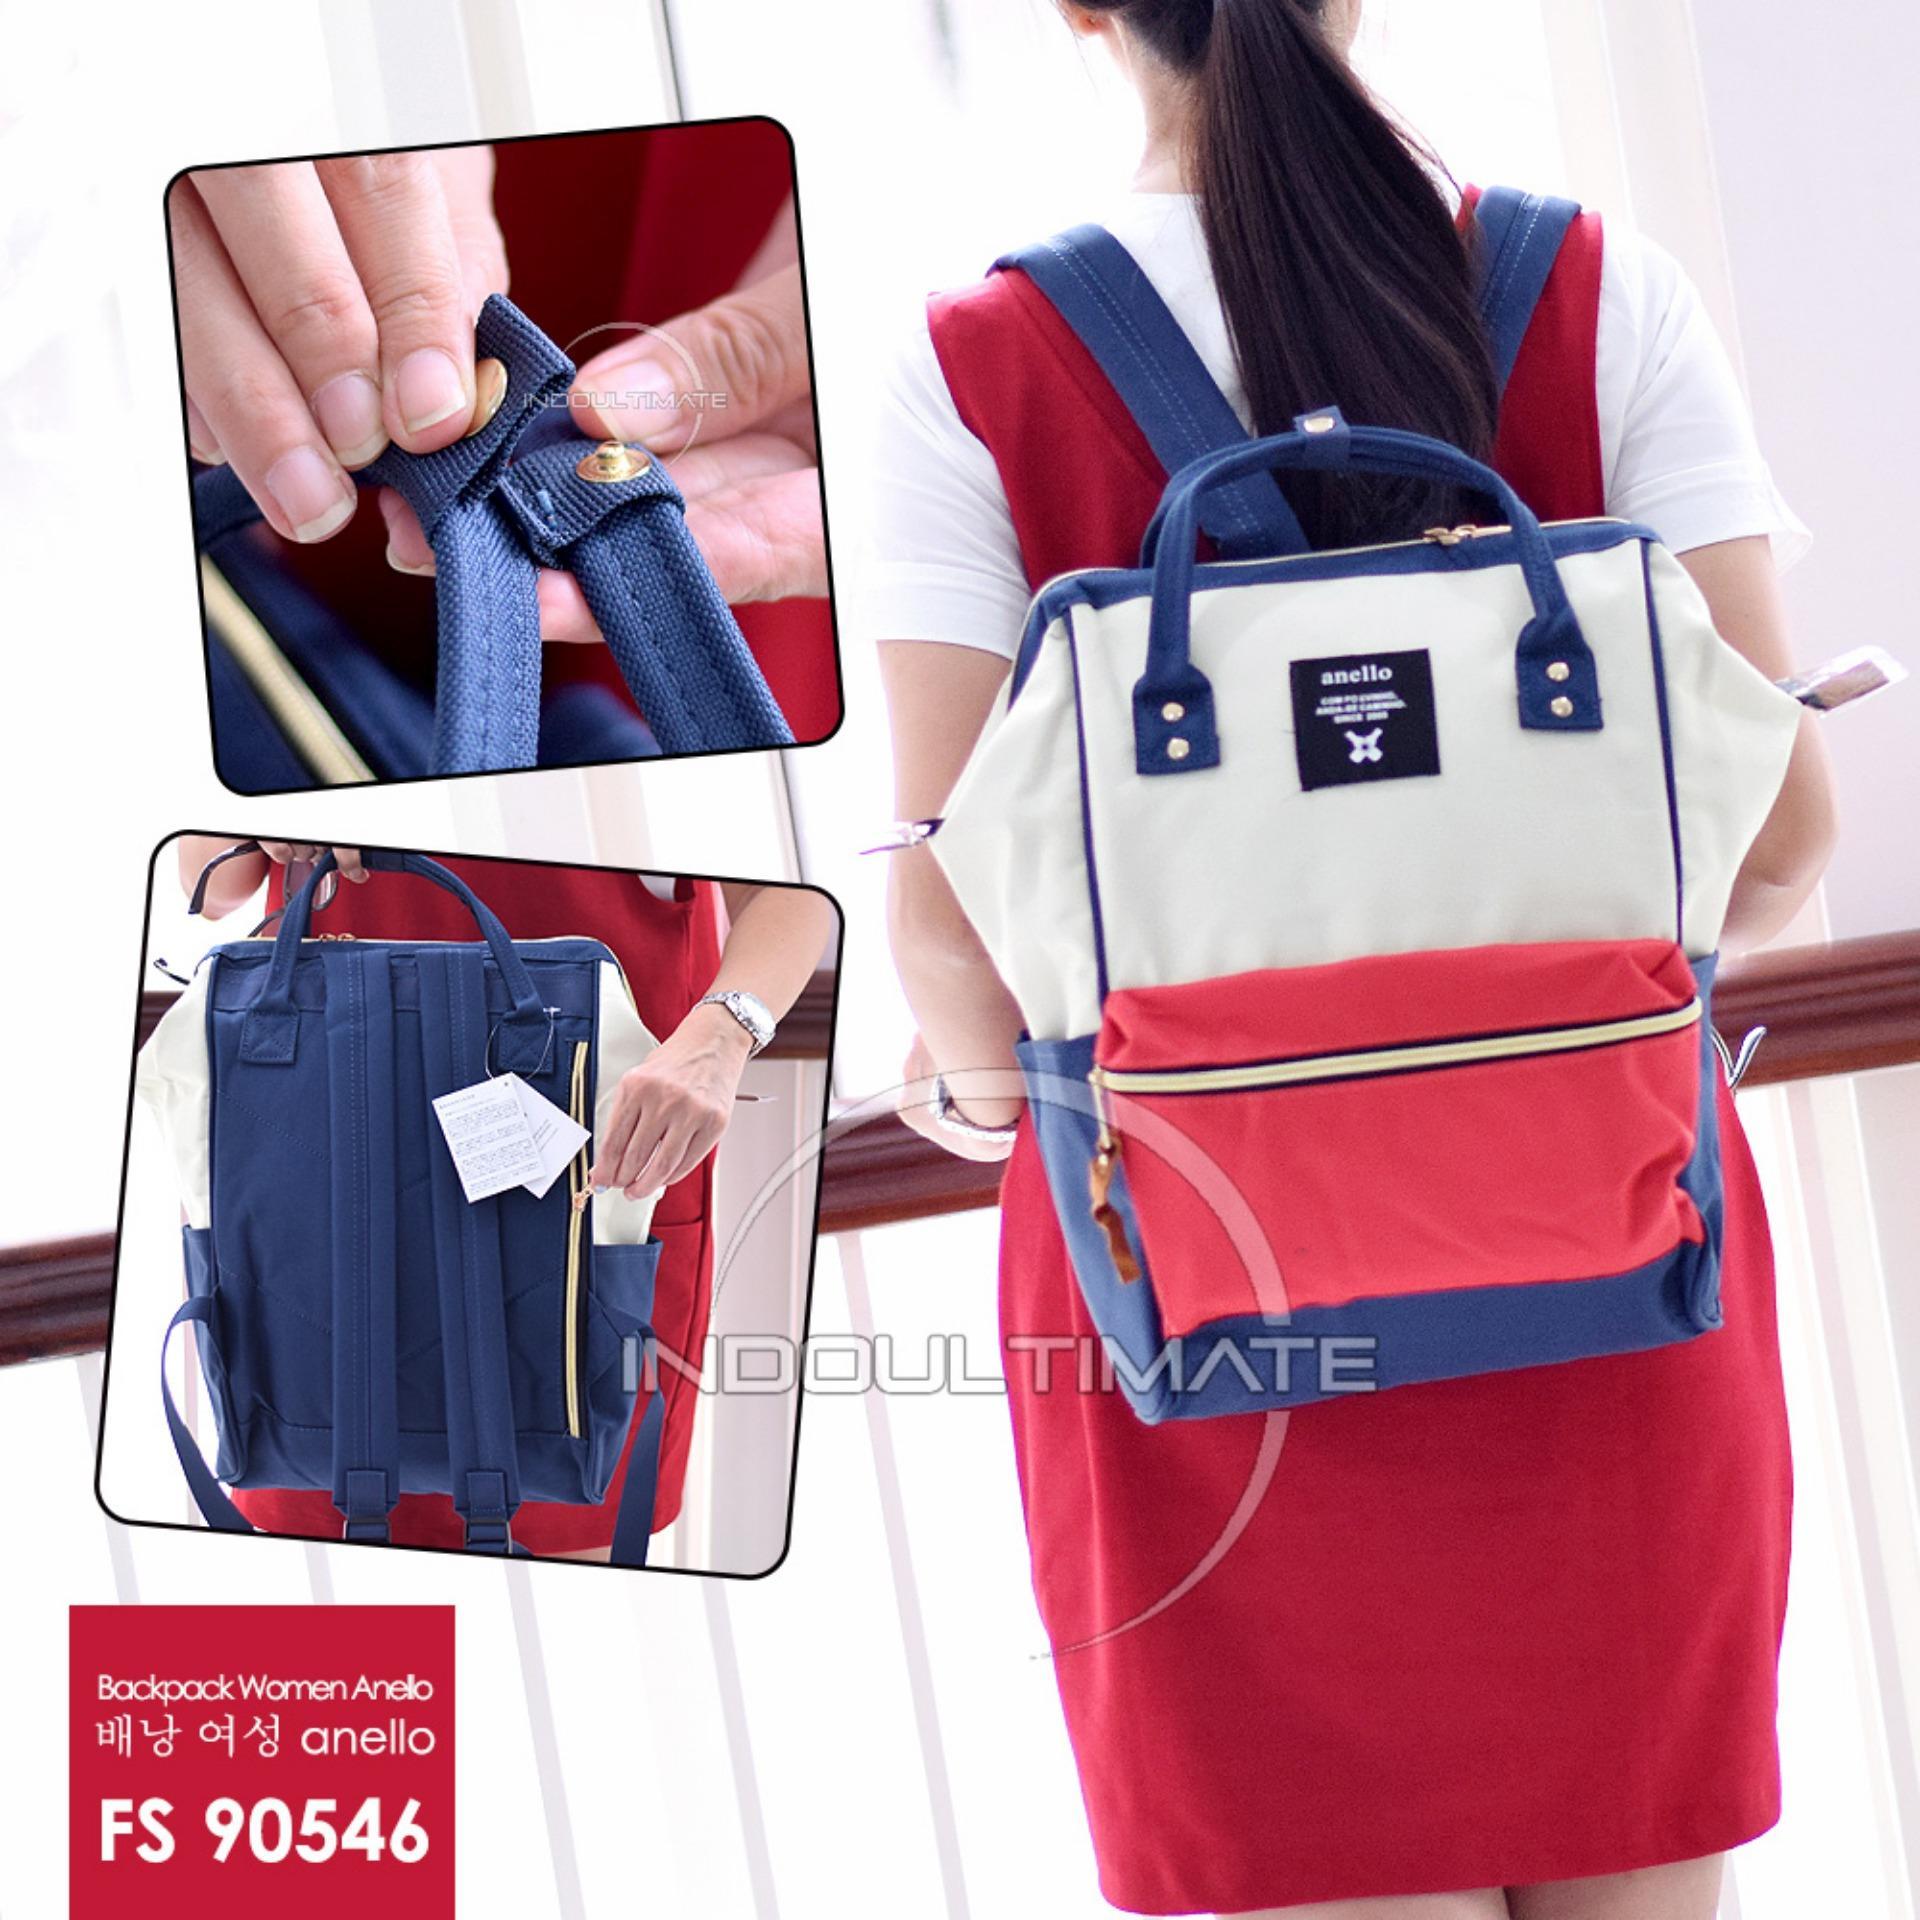 Pusat Jual Beli Ultimate Tas Ransel Wanita Fs 90546 Red White Blue Tas 2In1 Cewek Backpack Korea Import Batam Murah Branded Cantik Jawa Timur